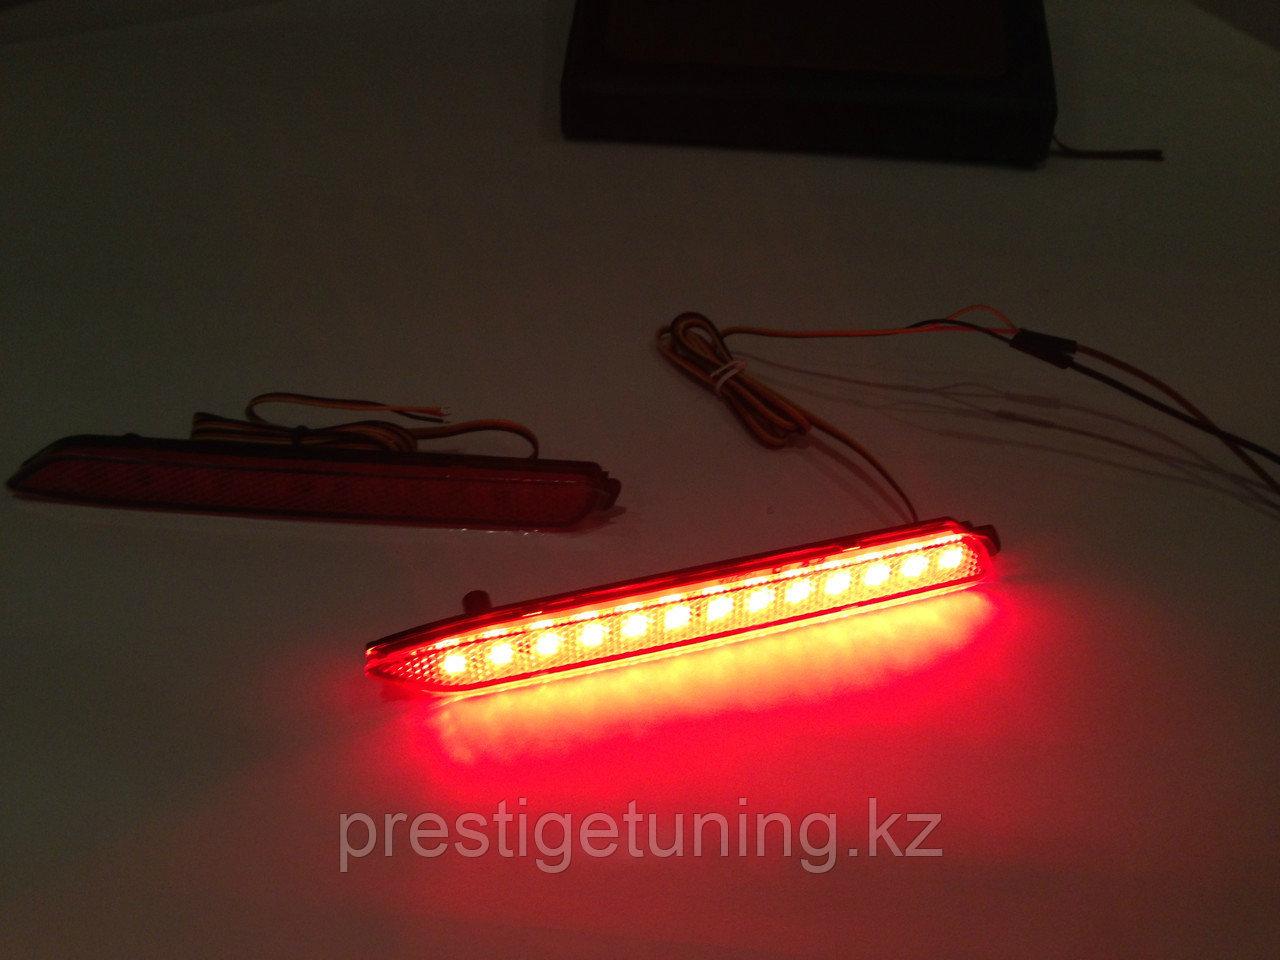 Задние LED вставки в бампер на Camry V50 2011-14 Красные Type 1